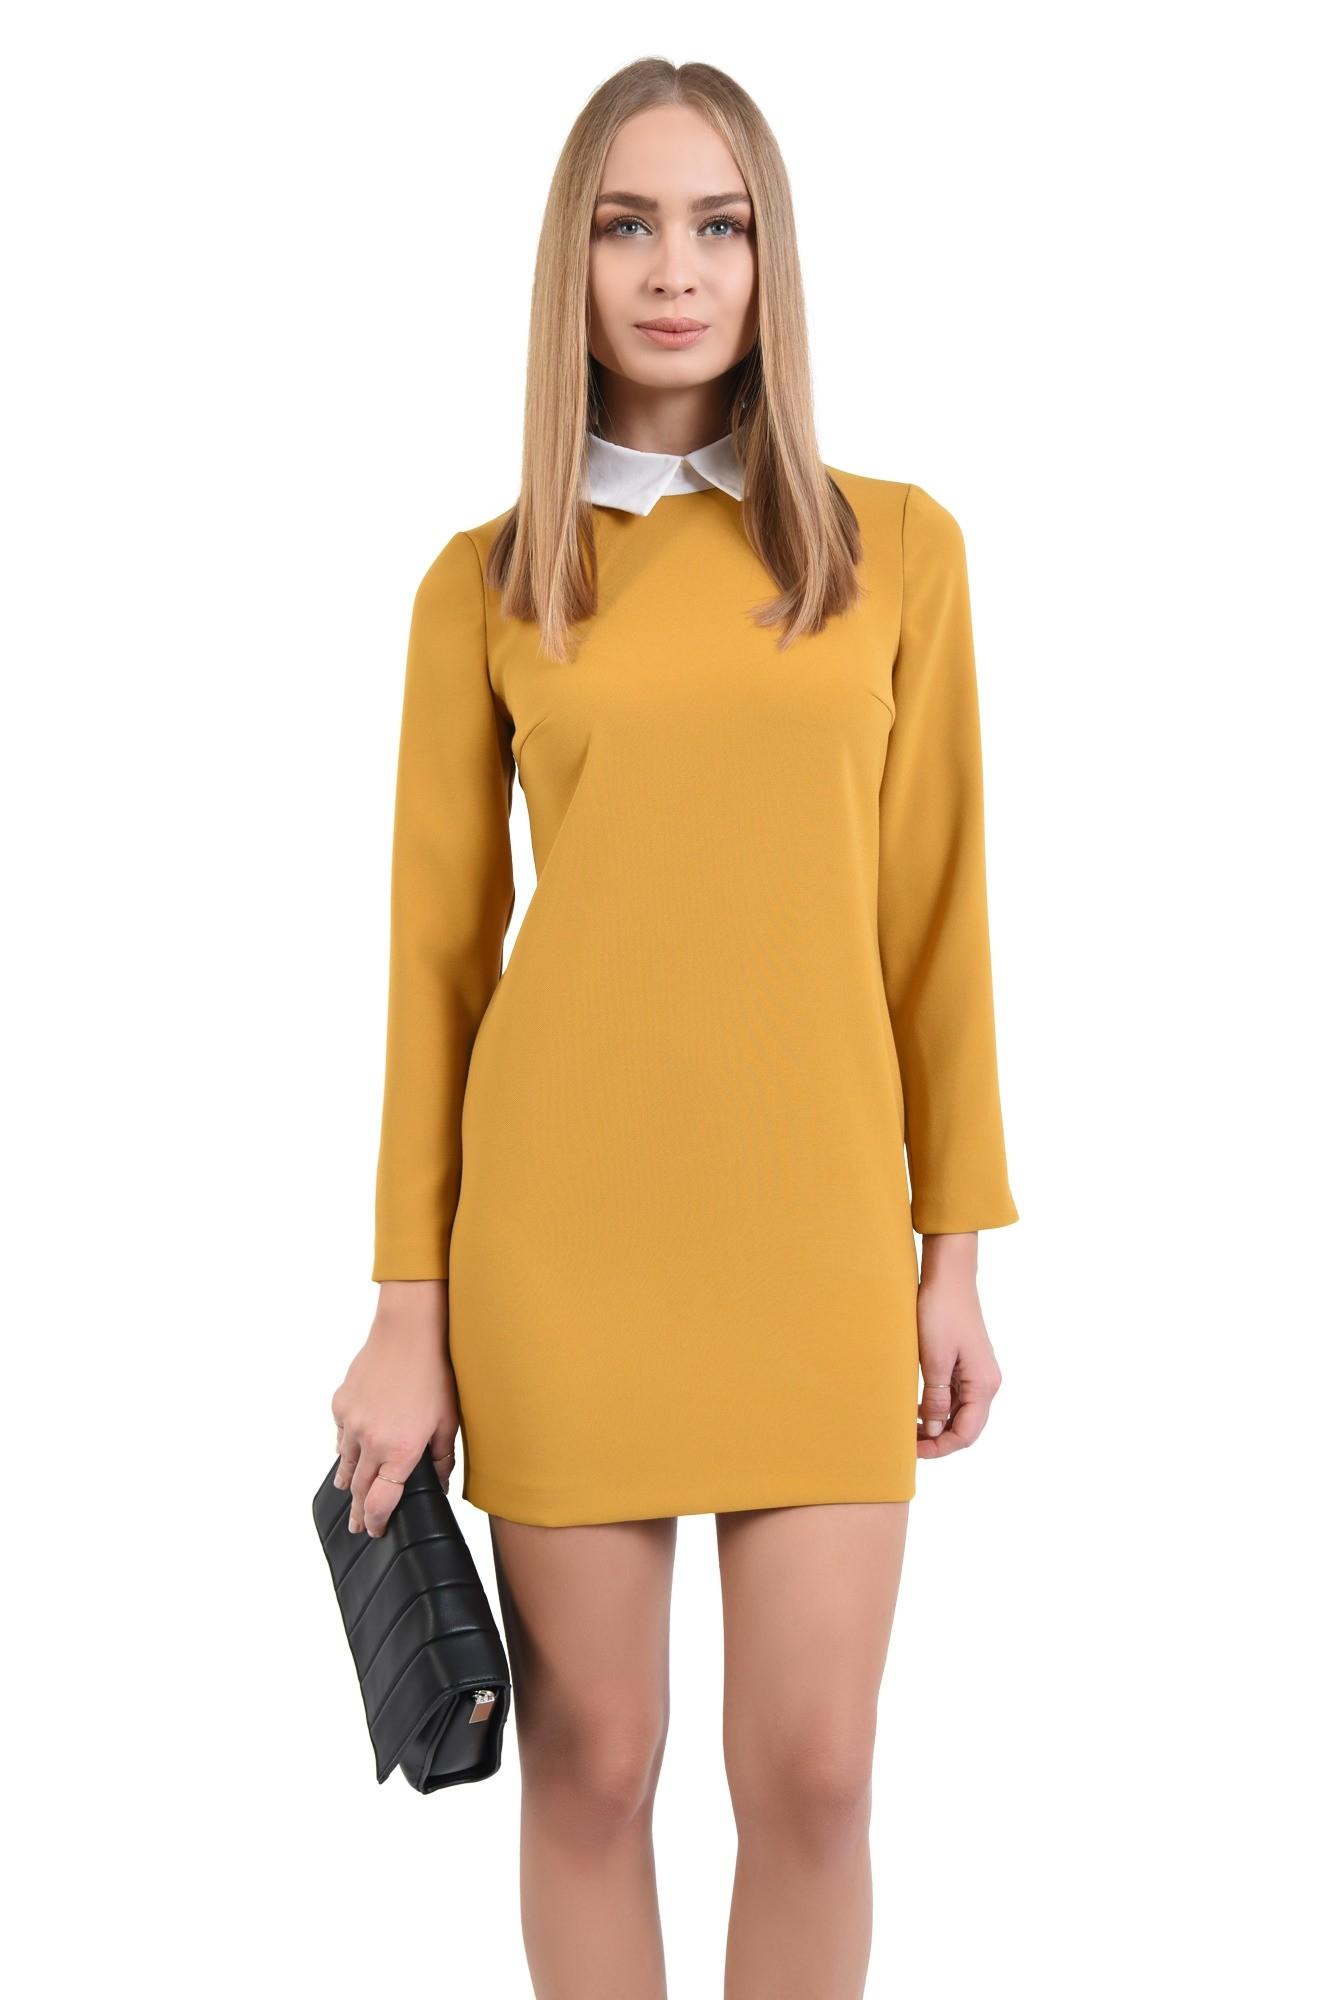 2 - rochie casual, croi drept, guler alb, rochii online